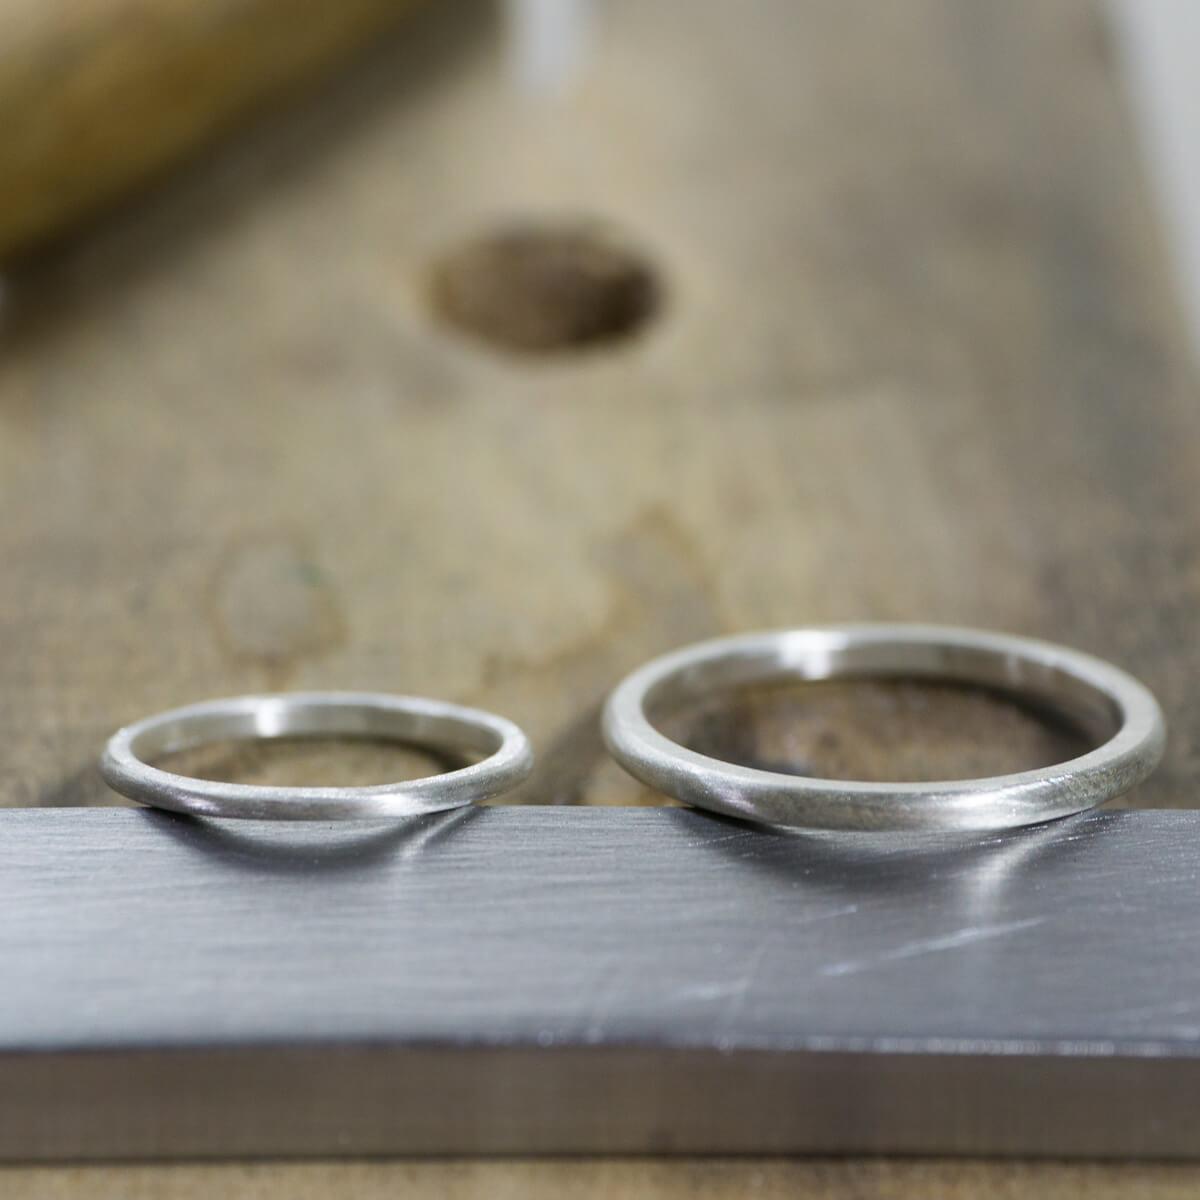 場面3 オーダーメイド結婚指輪 サンプルリングの制作風景 シルバー 屋久島でつくる結婚指輪